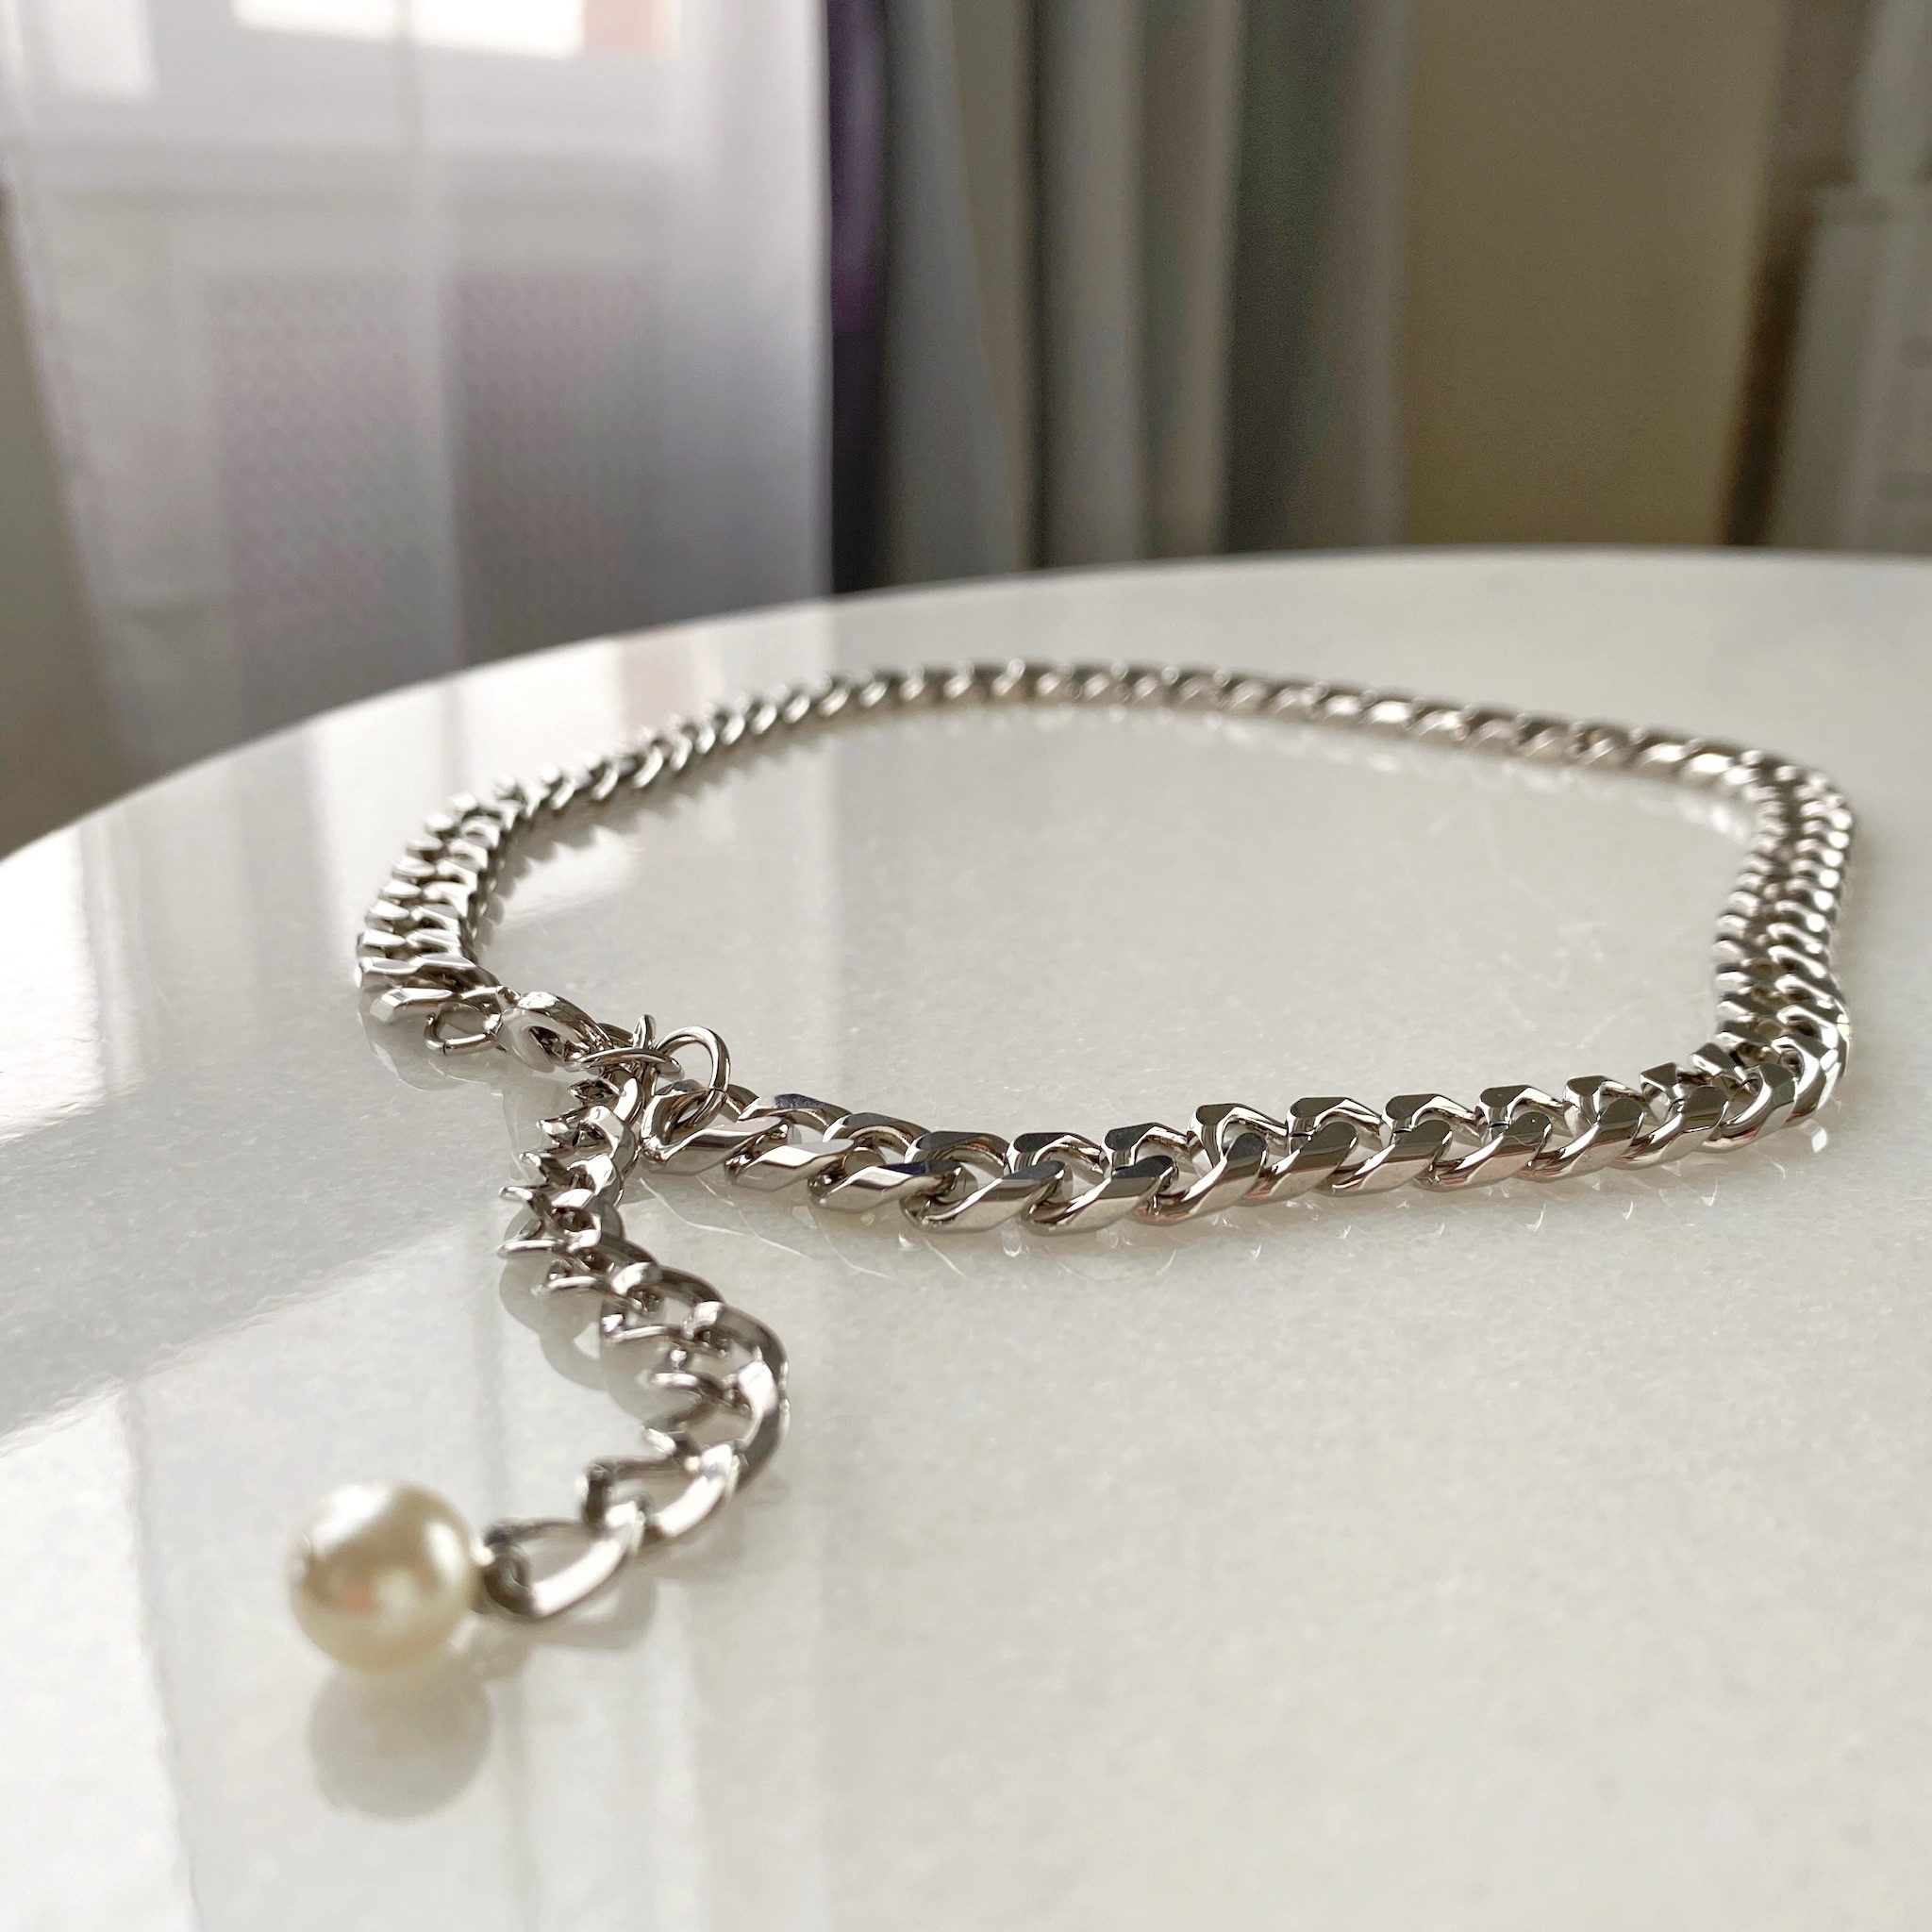 Колье-цепь панцирного плетения с декоративной цепочкой (серебристый)